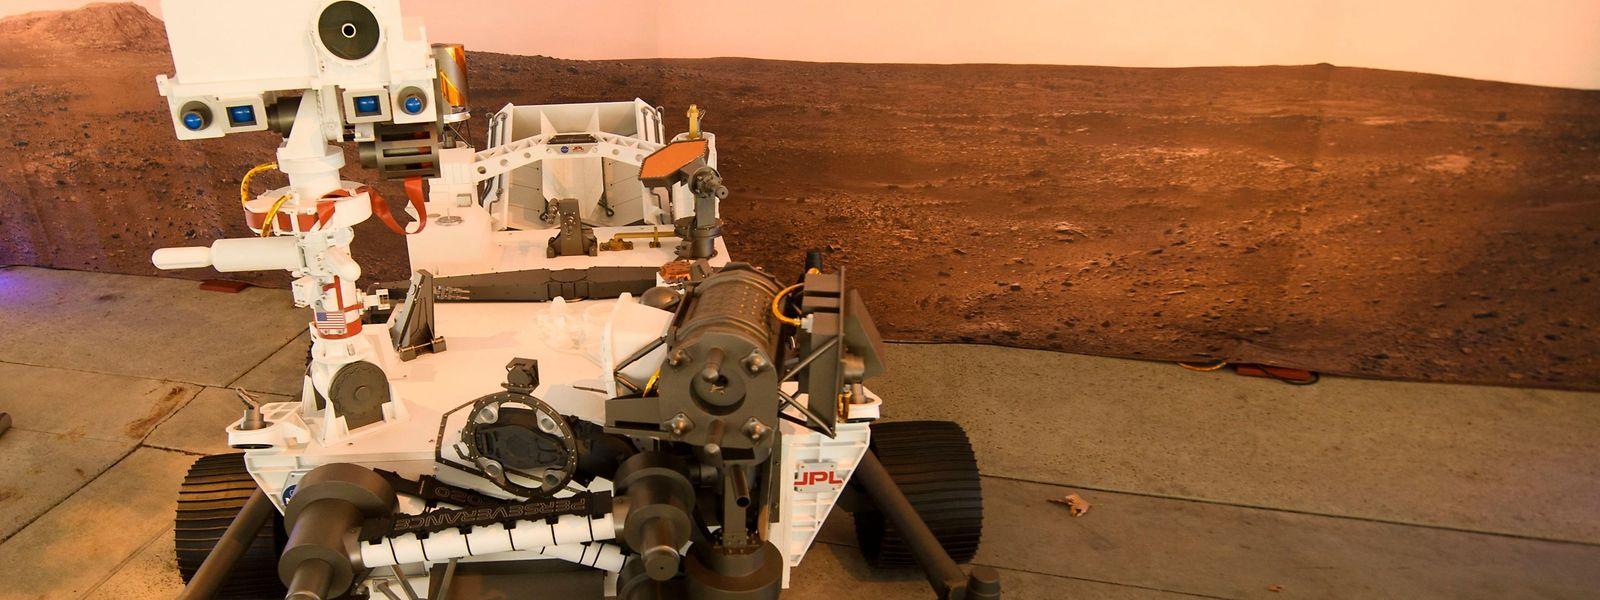 """Ein maßstabsgetreues Modell des Rovers """"Perseverance"""" im Jet Propulsion Laboratory (JPL) der Nasa."""